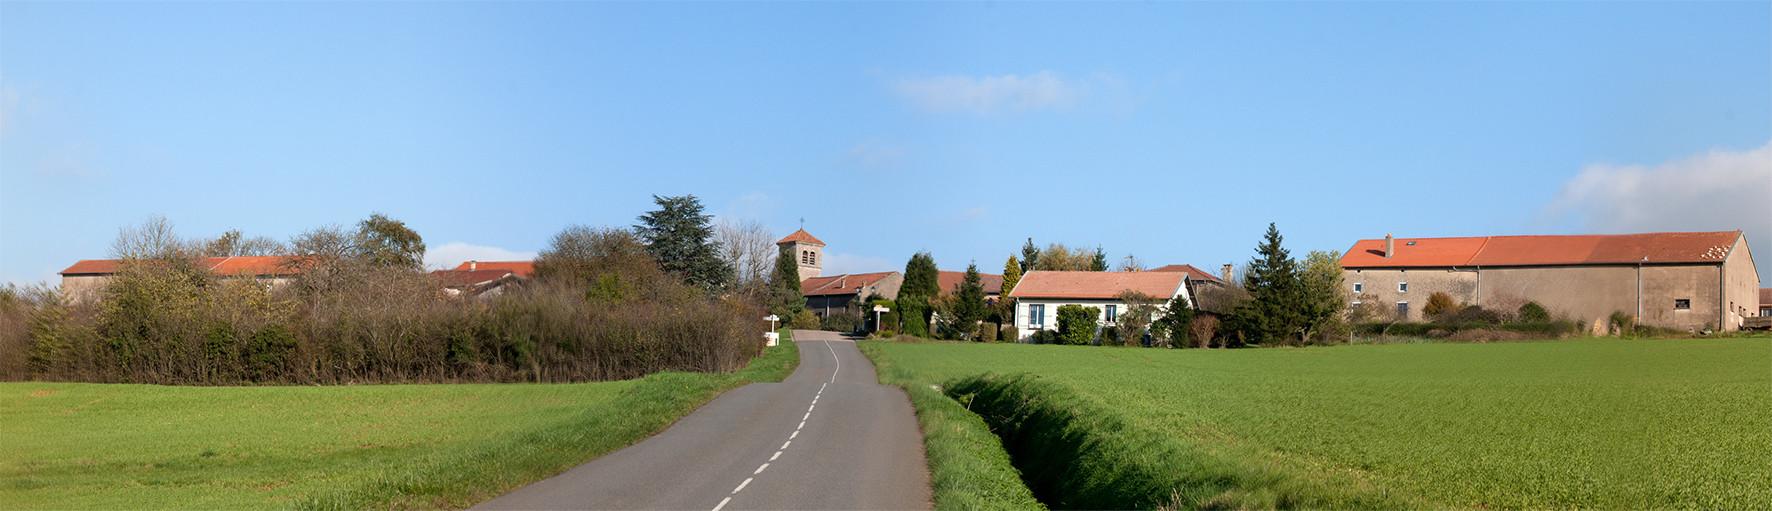 Entrée du village de Sainte Geneviève